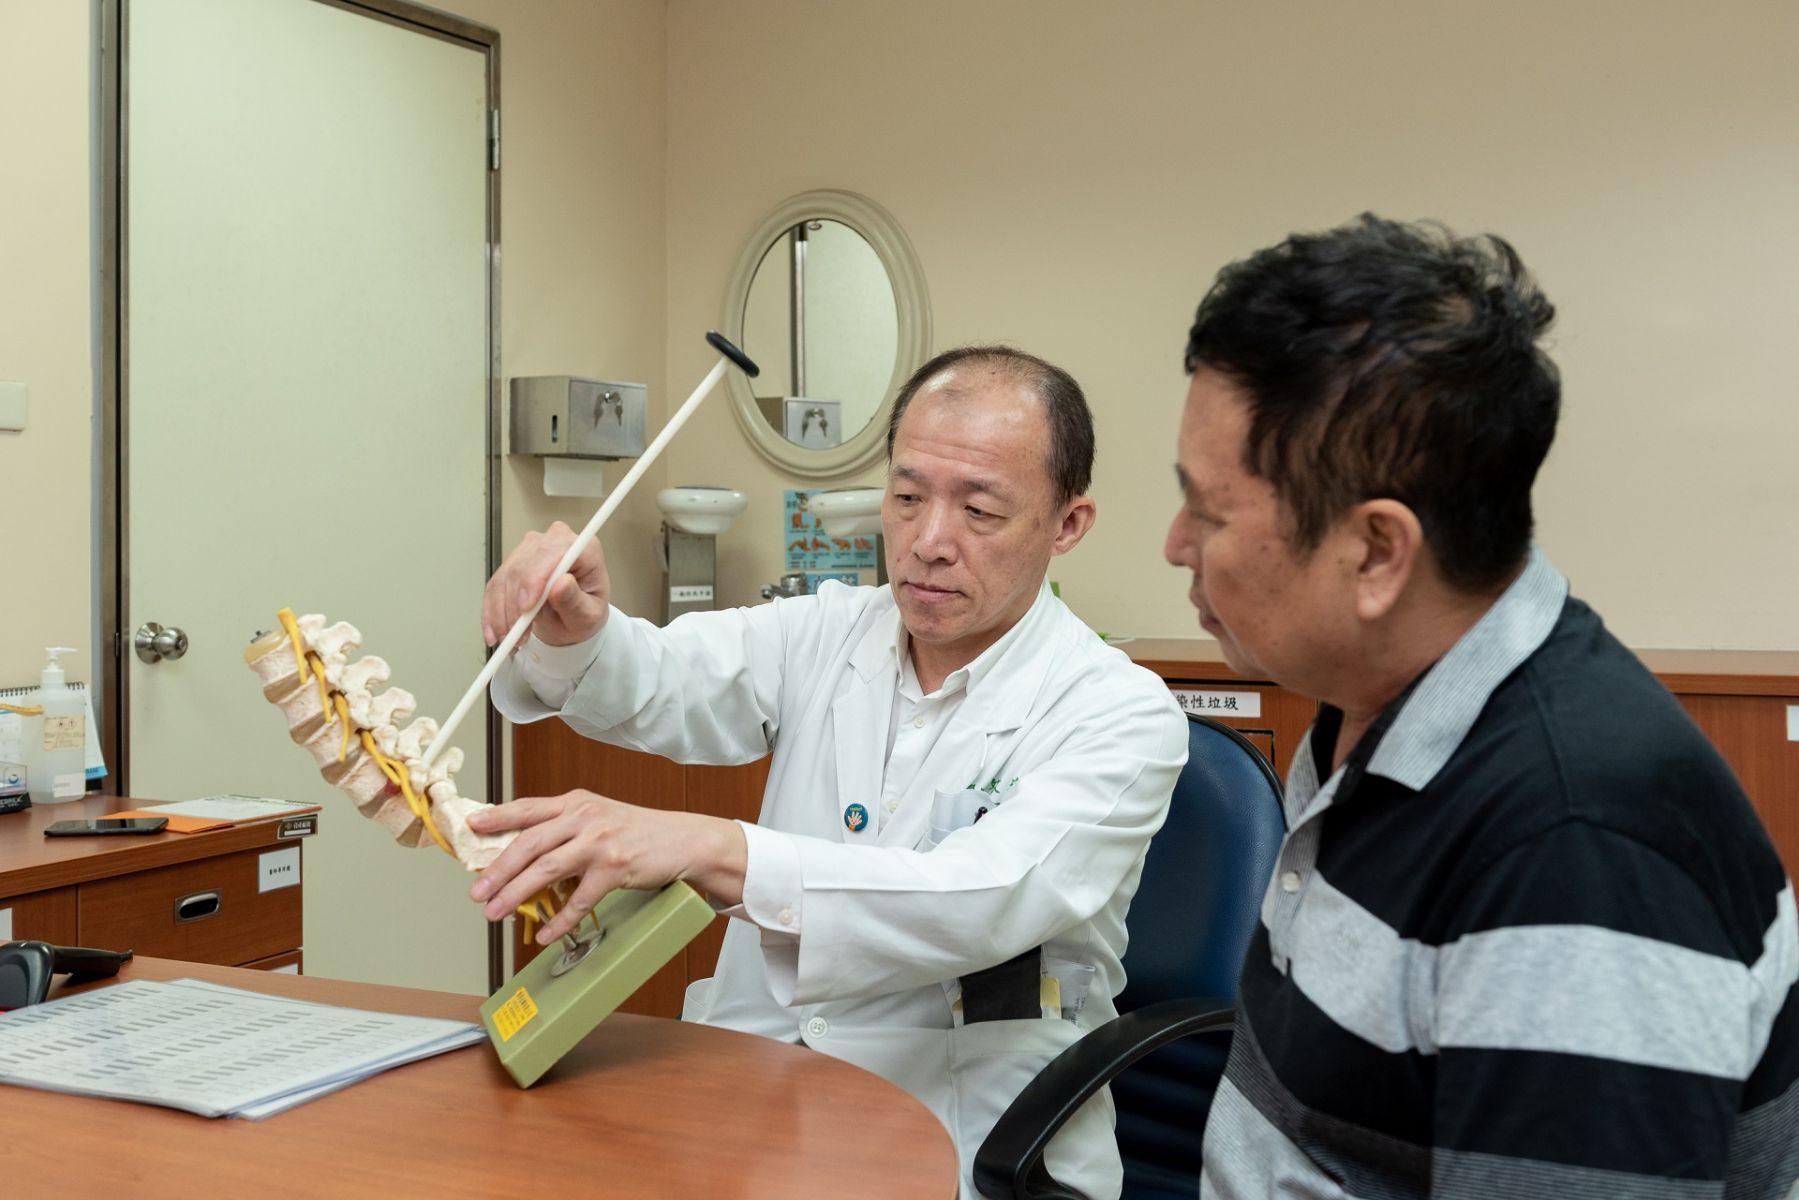 站不久、走不遠!85歲爺爺患腰椎骨刺 術後又可趴趴走